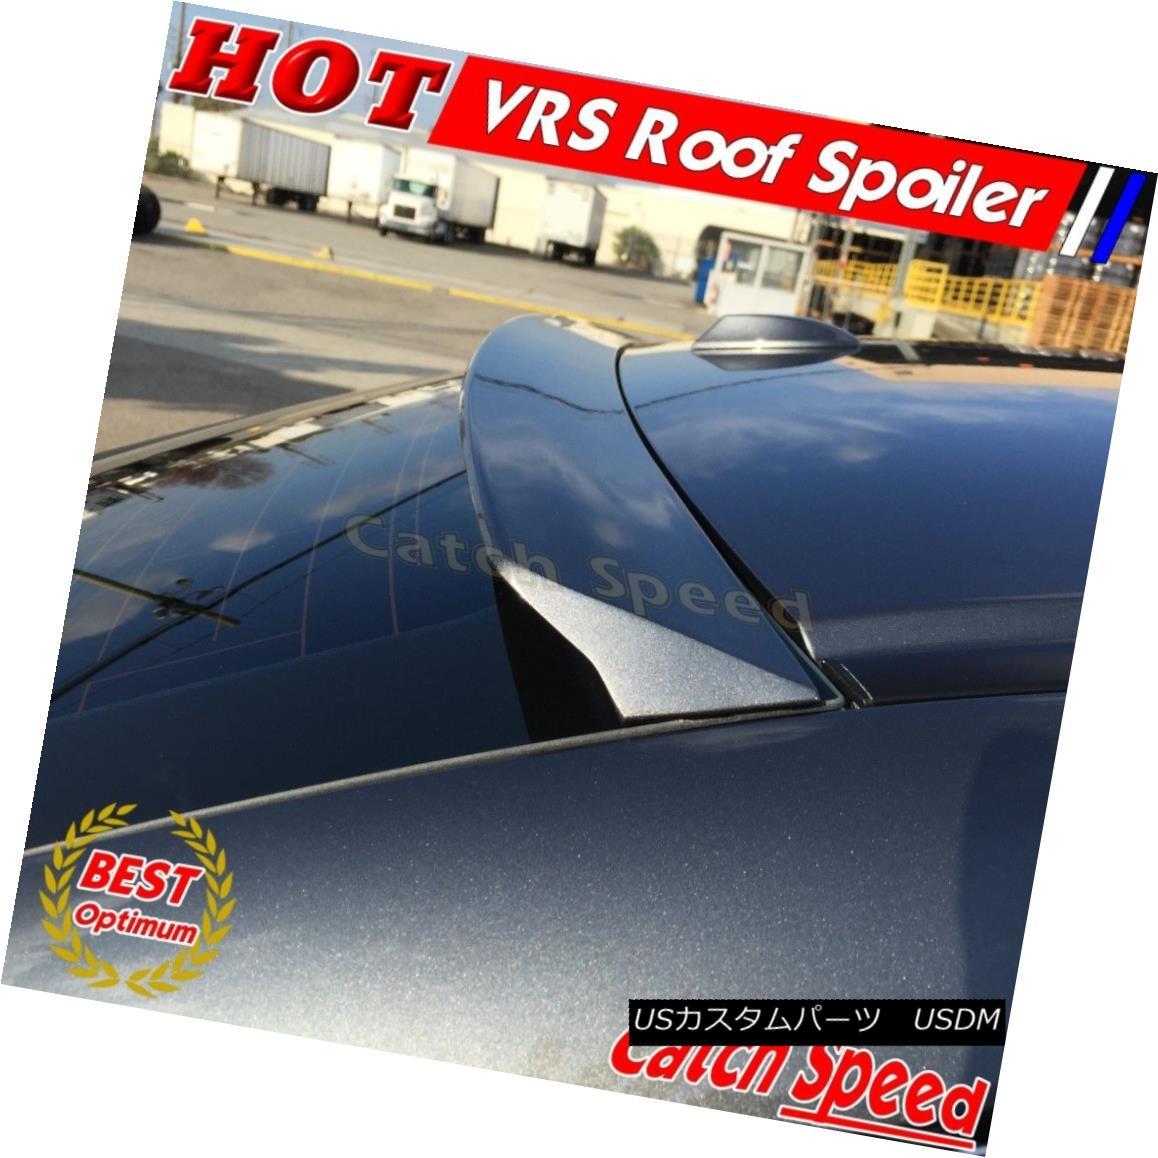 エアロパーツ Painted VRS Rear Roof Spoiler Wing For Hyundai Genesis 2012 2013 2014 Sedan Hyundai Genesis 2012 2013 2014セダン用VRSリアルーフスポイラーウイング塗装済み